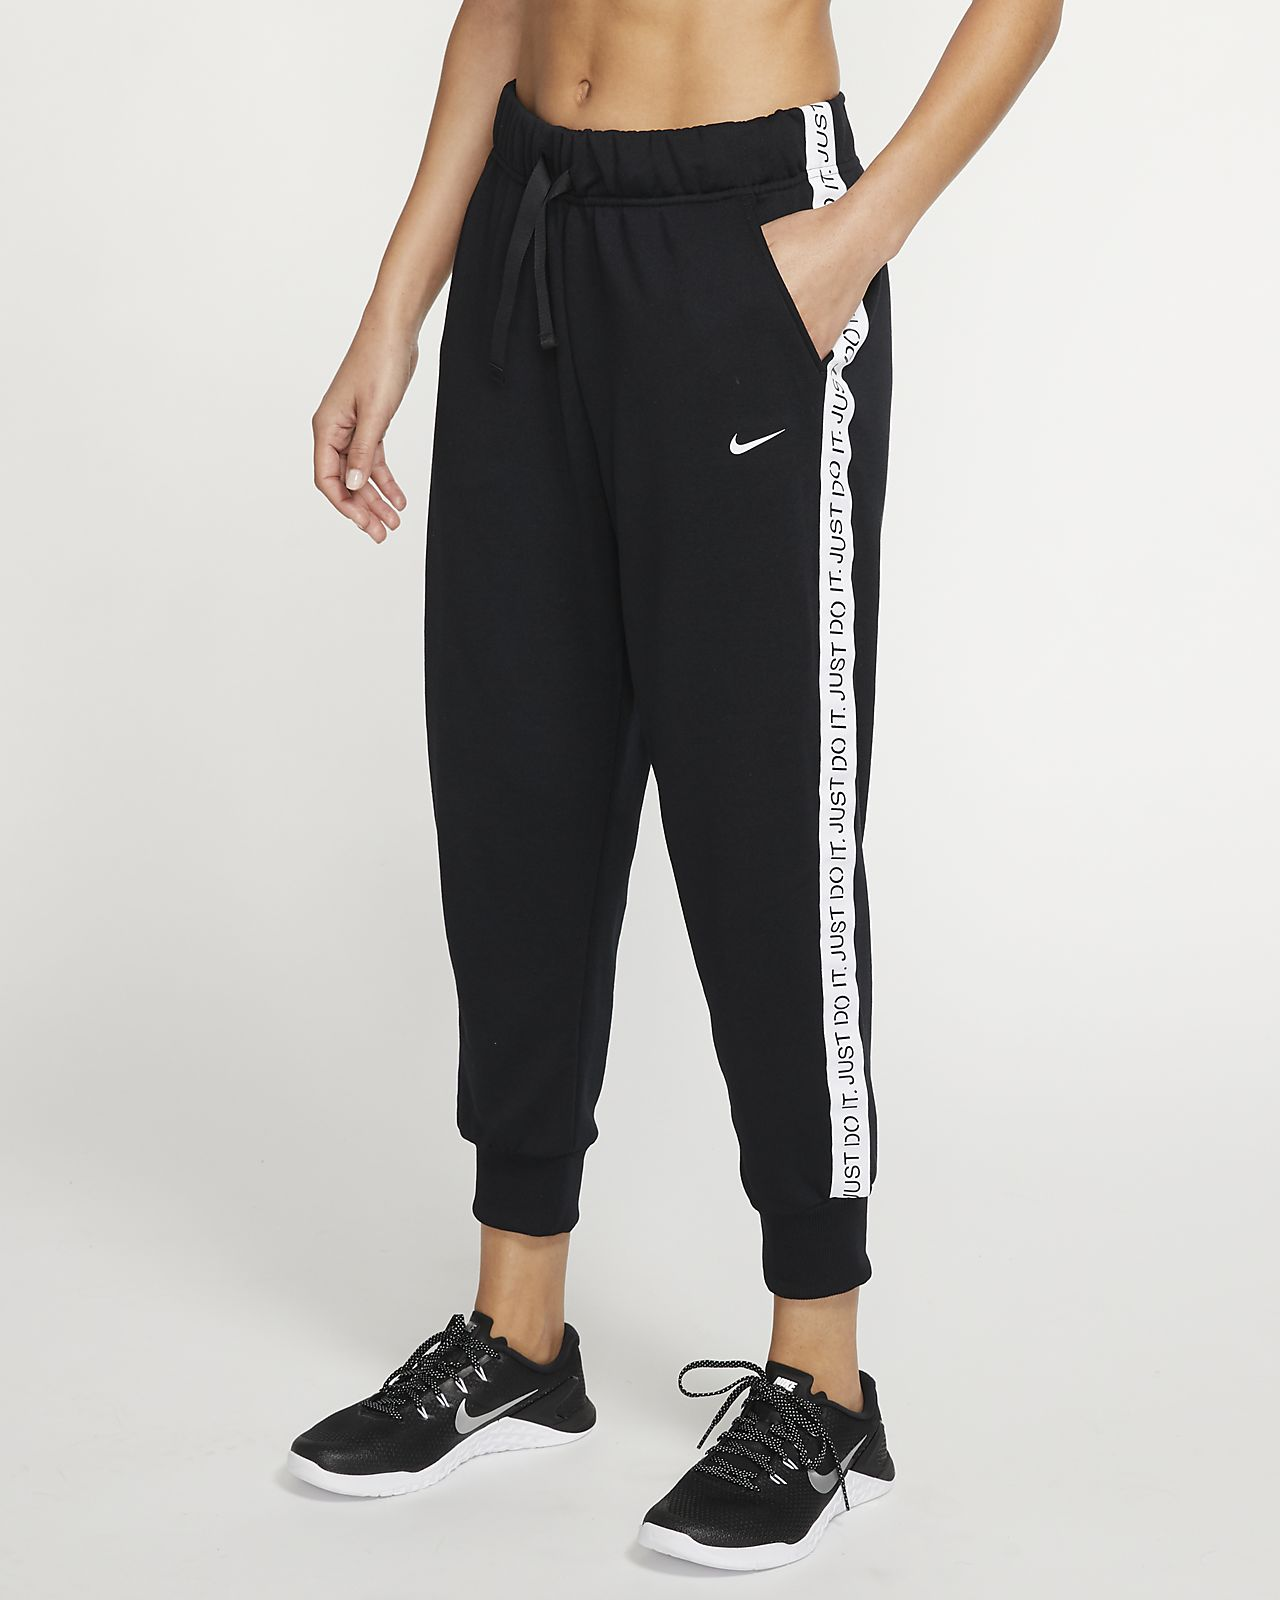 Pantalones de entrenamiento de tejido Fleece 7/8 para mujer Nike Dri-FIT Get Fit